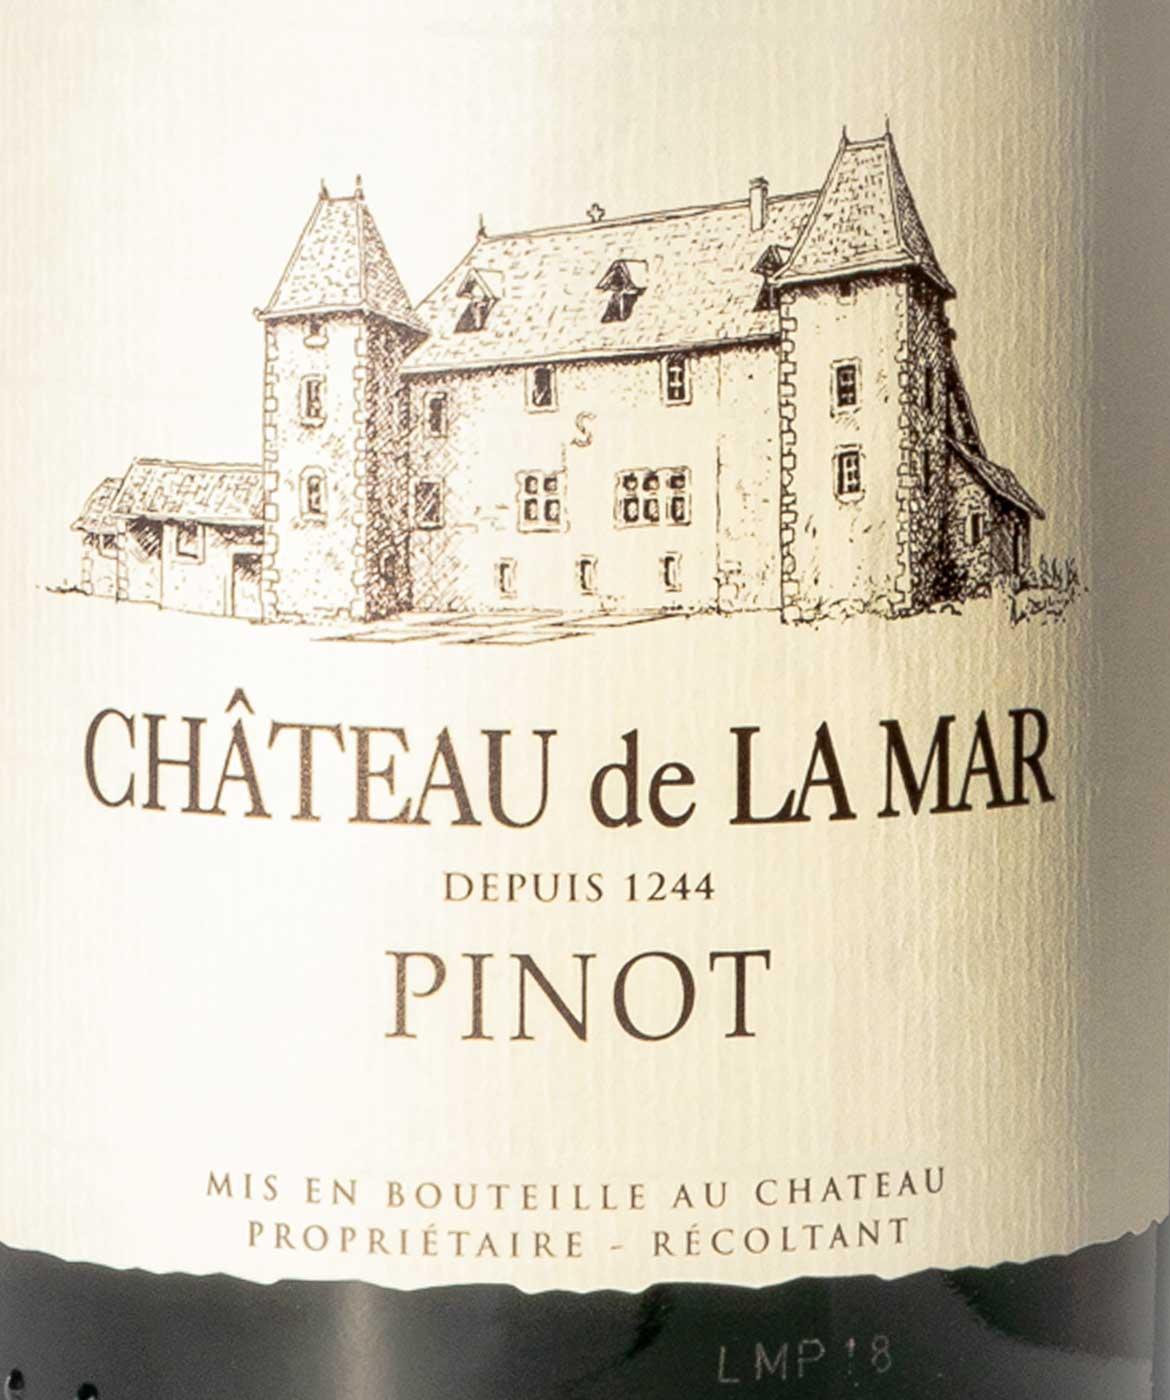 Piniot Savoie - Etiquette vins rouges de savoie